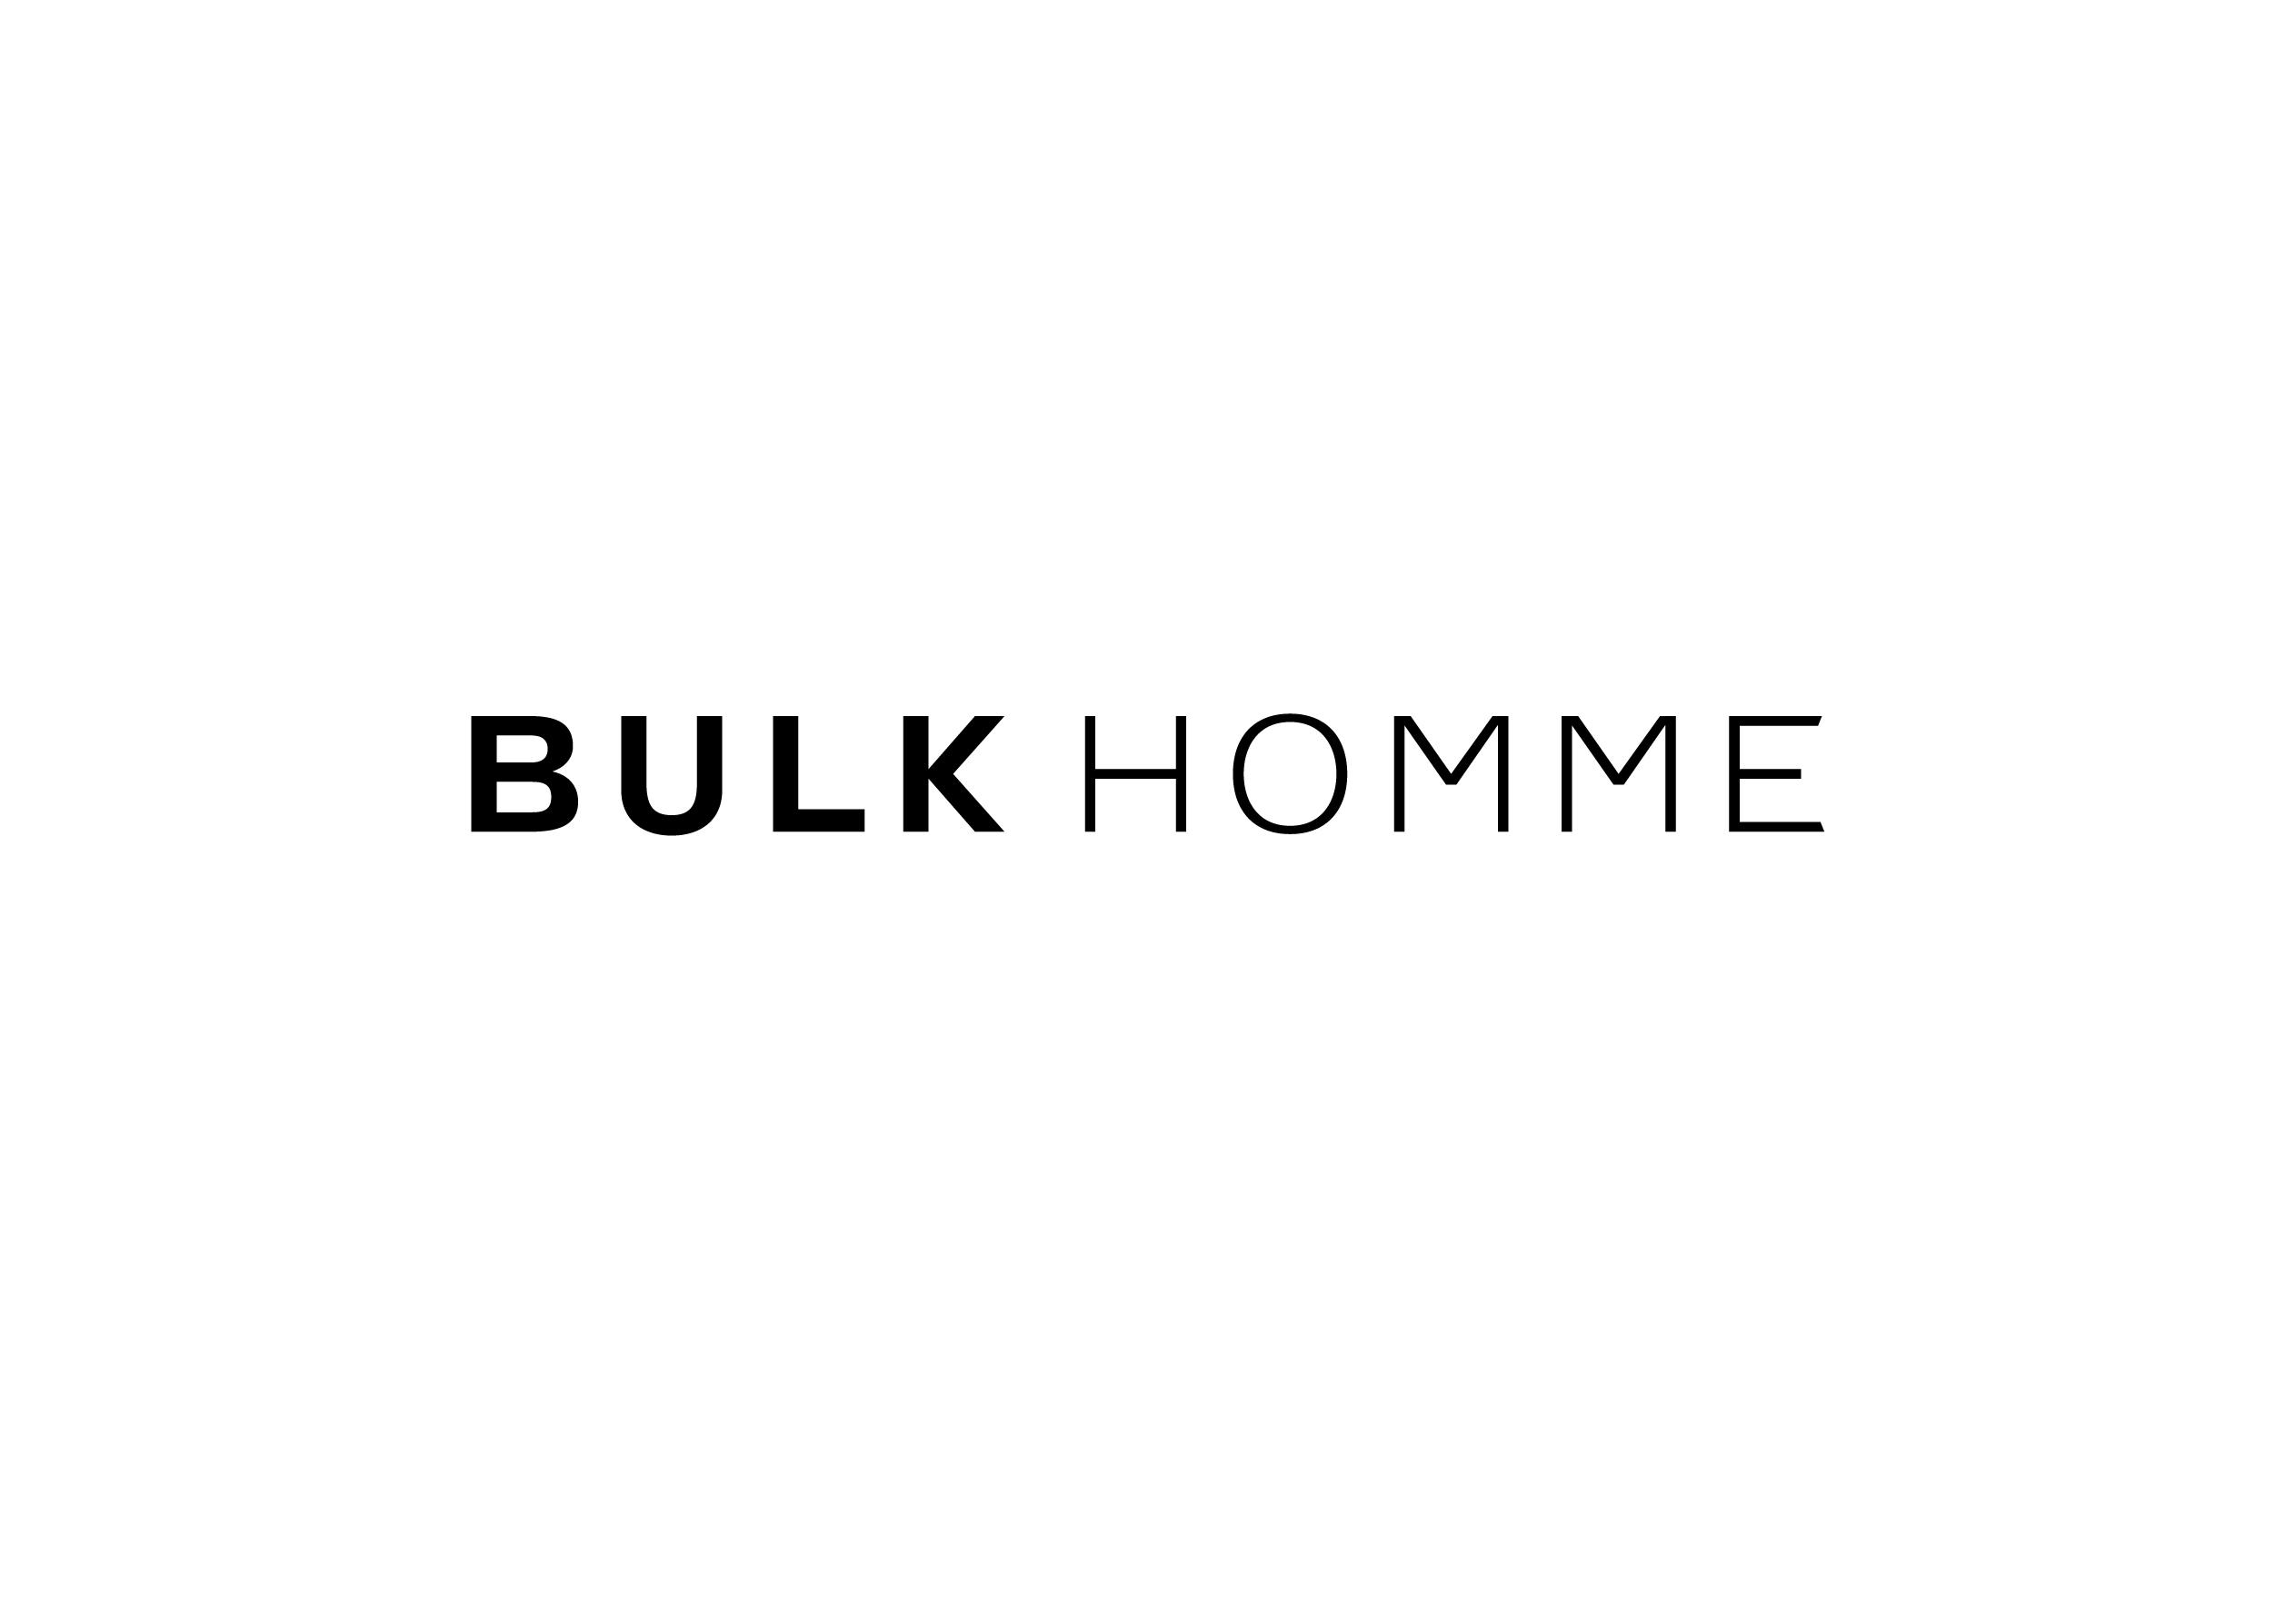 bulkhomme_logo_A